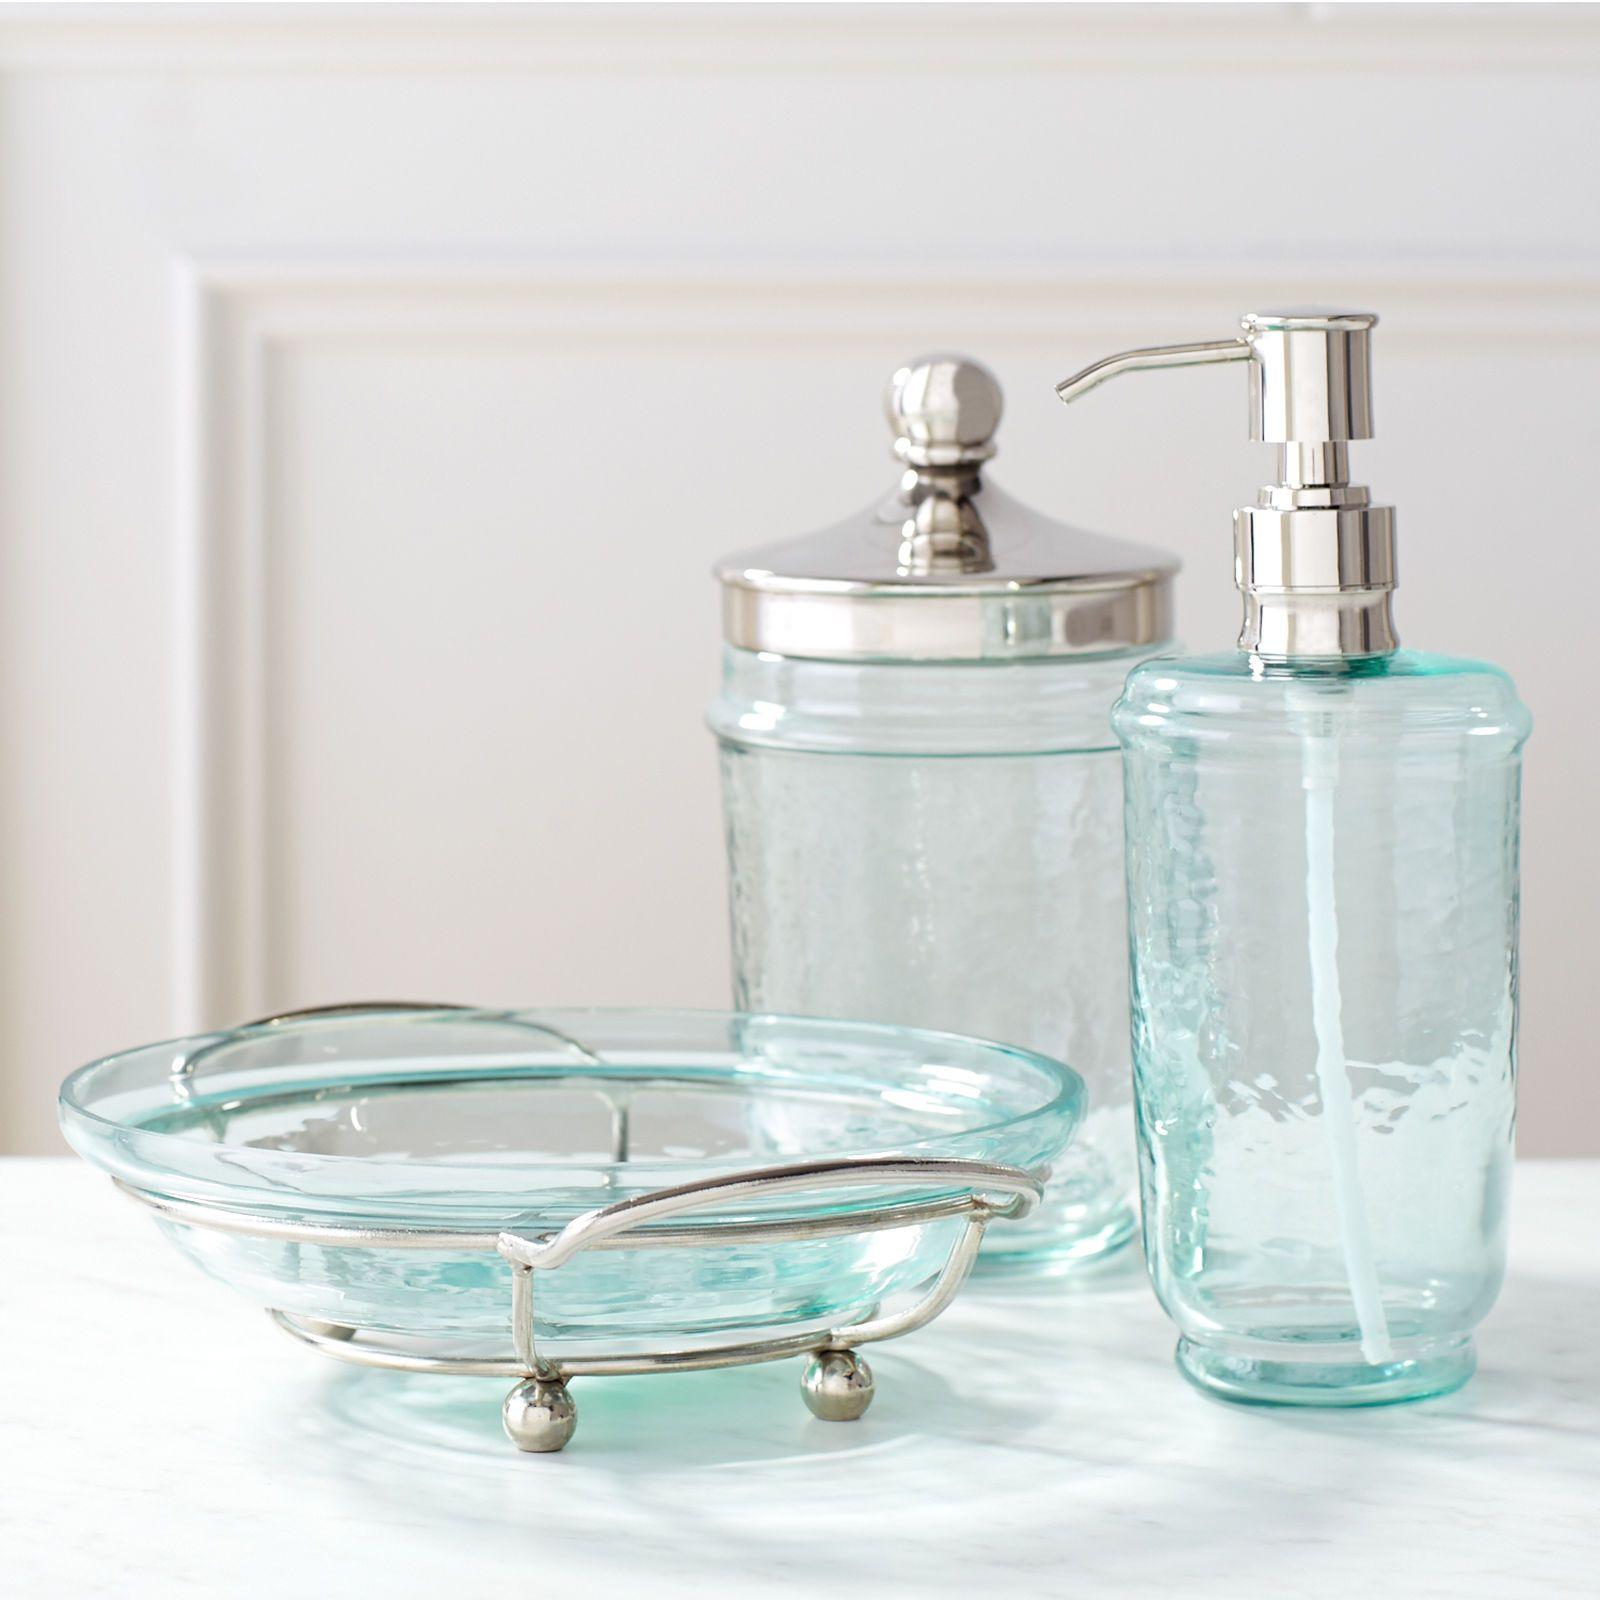 Blau Und Lila Bad Accessoires Glas Badezimmer